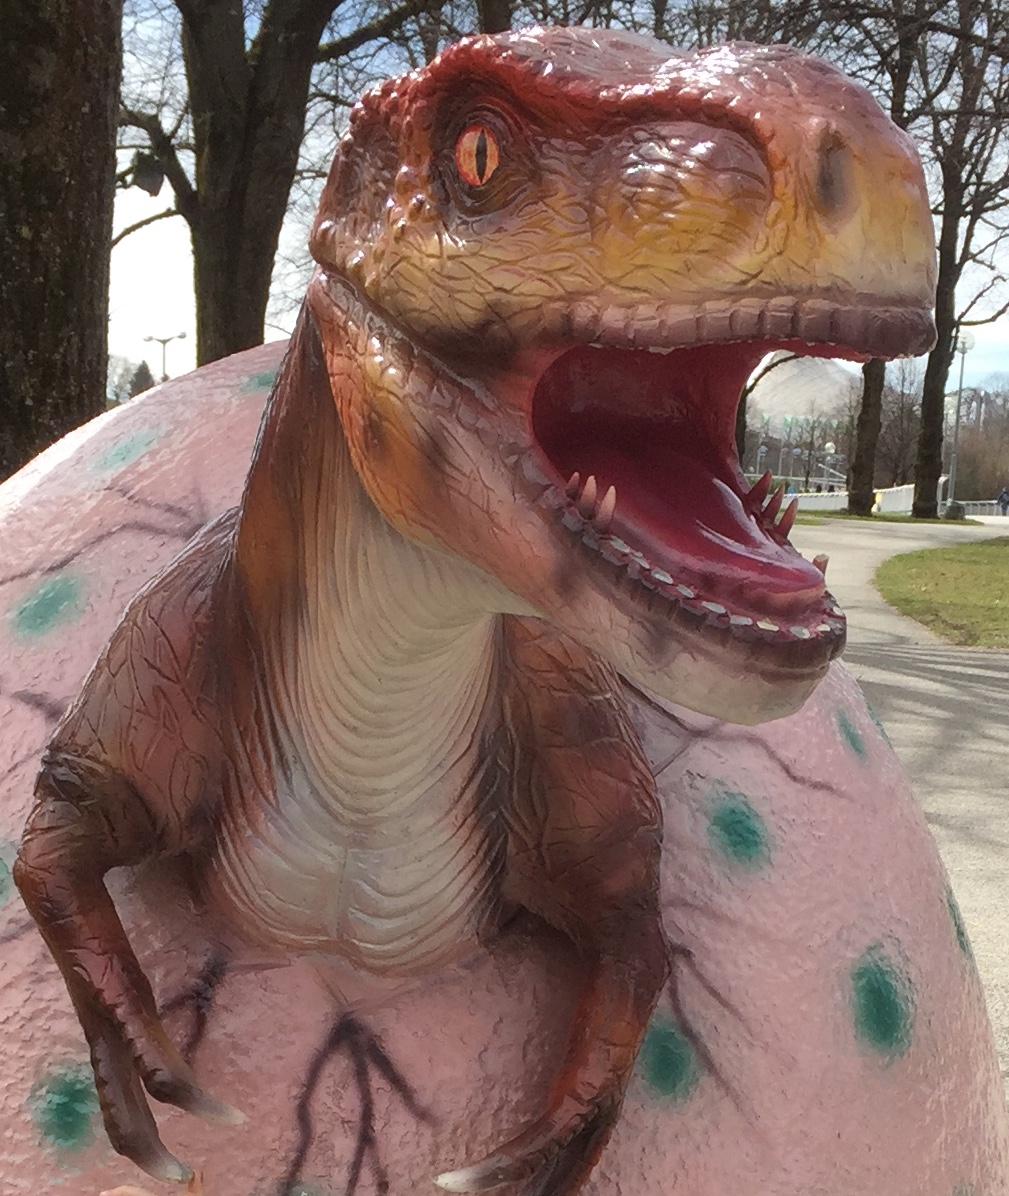 Dinoeier selbst gemacht!